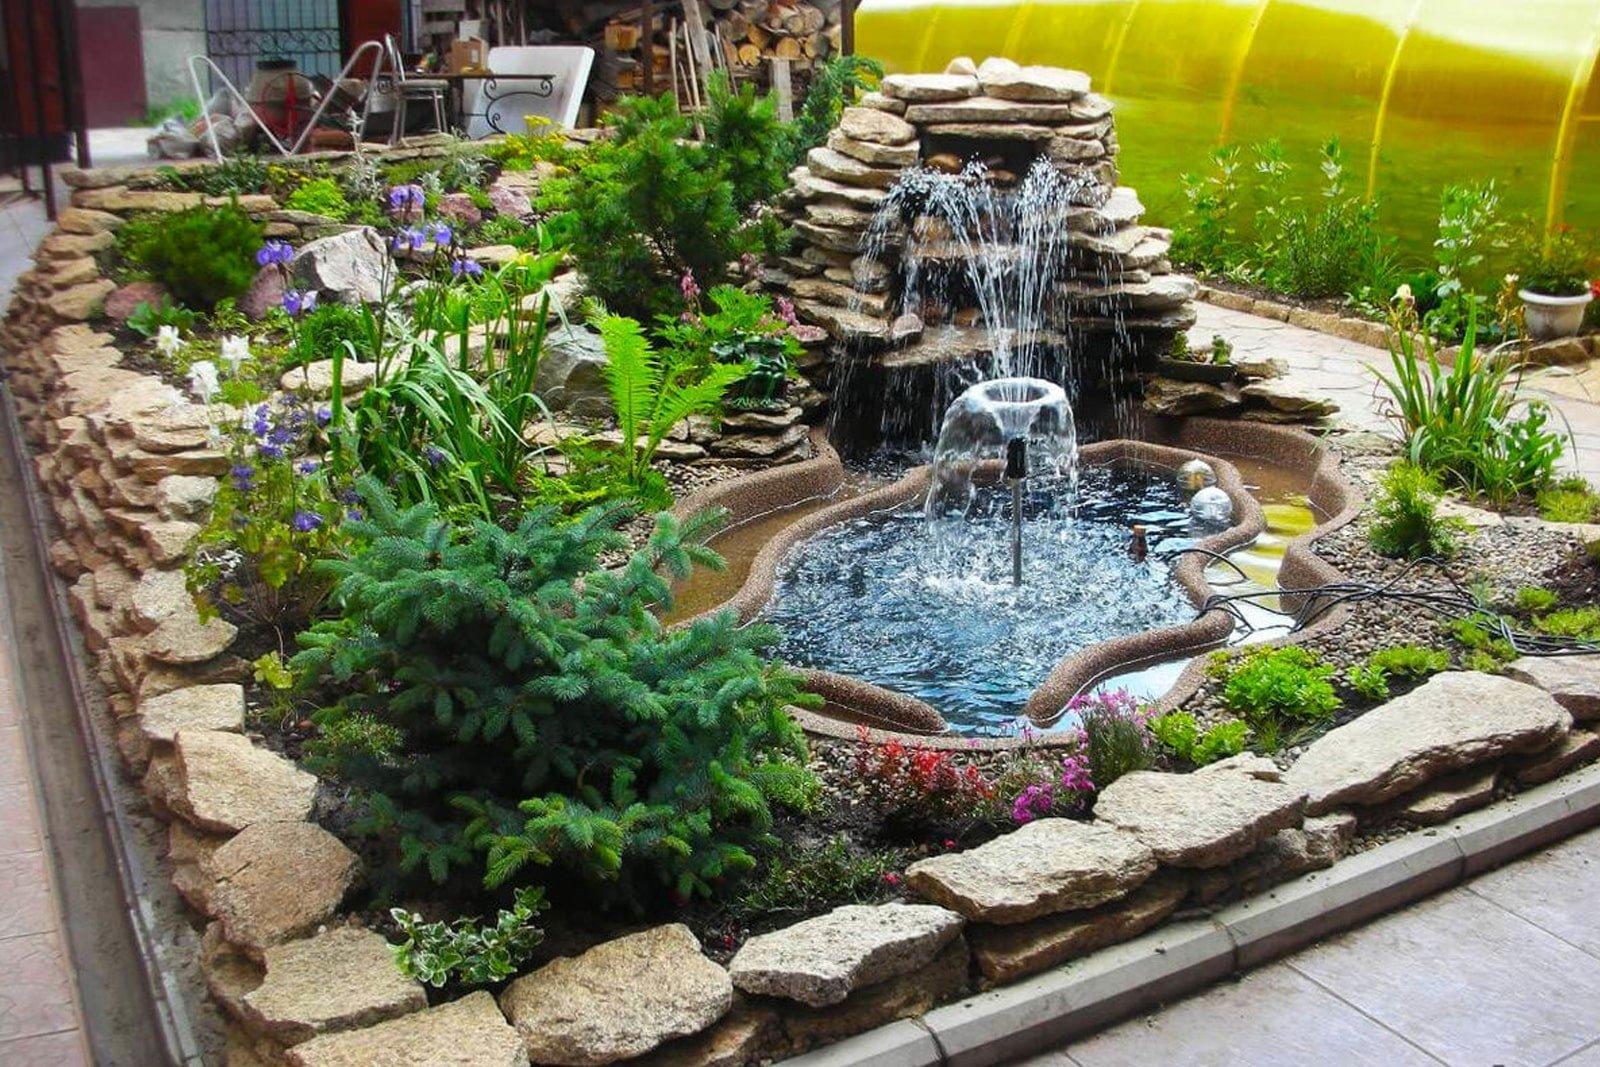 Фонтаны для дачи (58 фото):  как выбрать насос для летнего декоративного изделия, ландшафтный дизайн для садовых участков своими руками